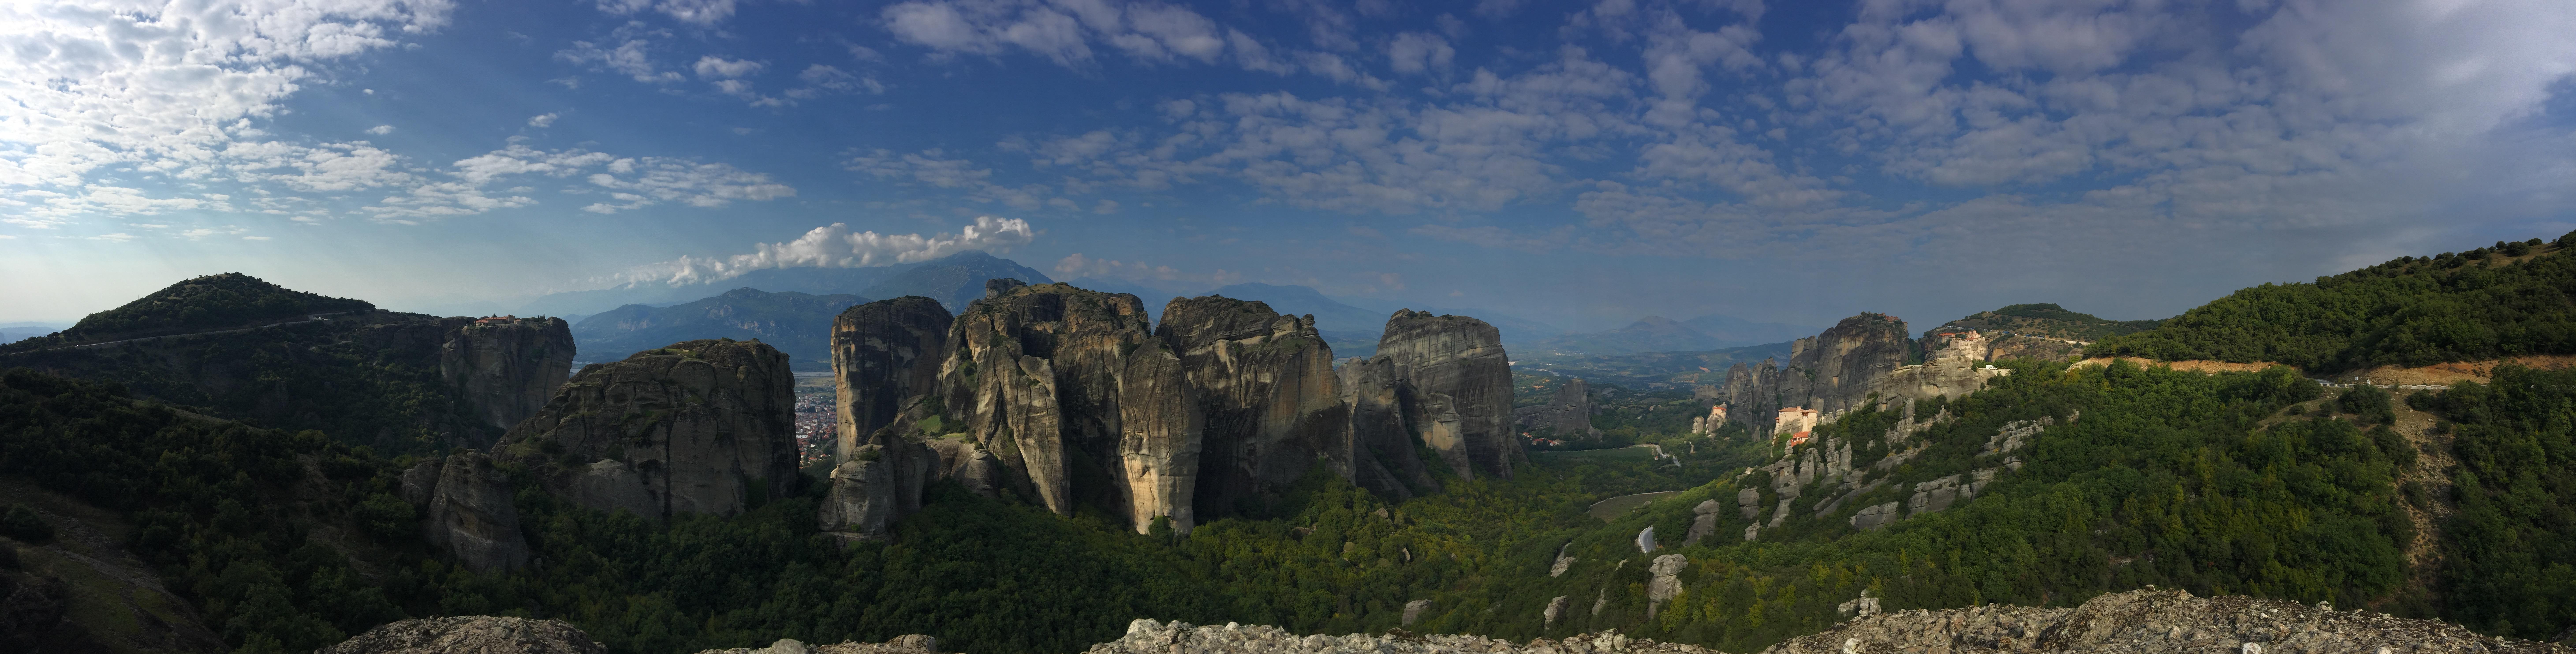 Grèce - Destination Météores par trail rando 16100309302459873